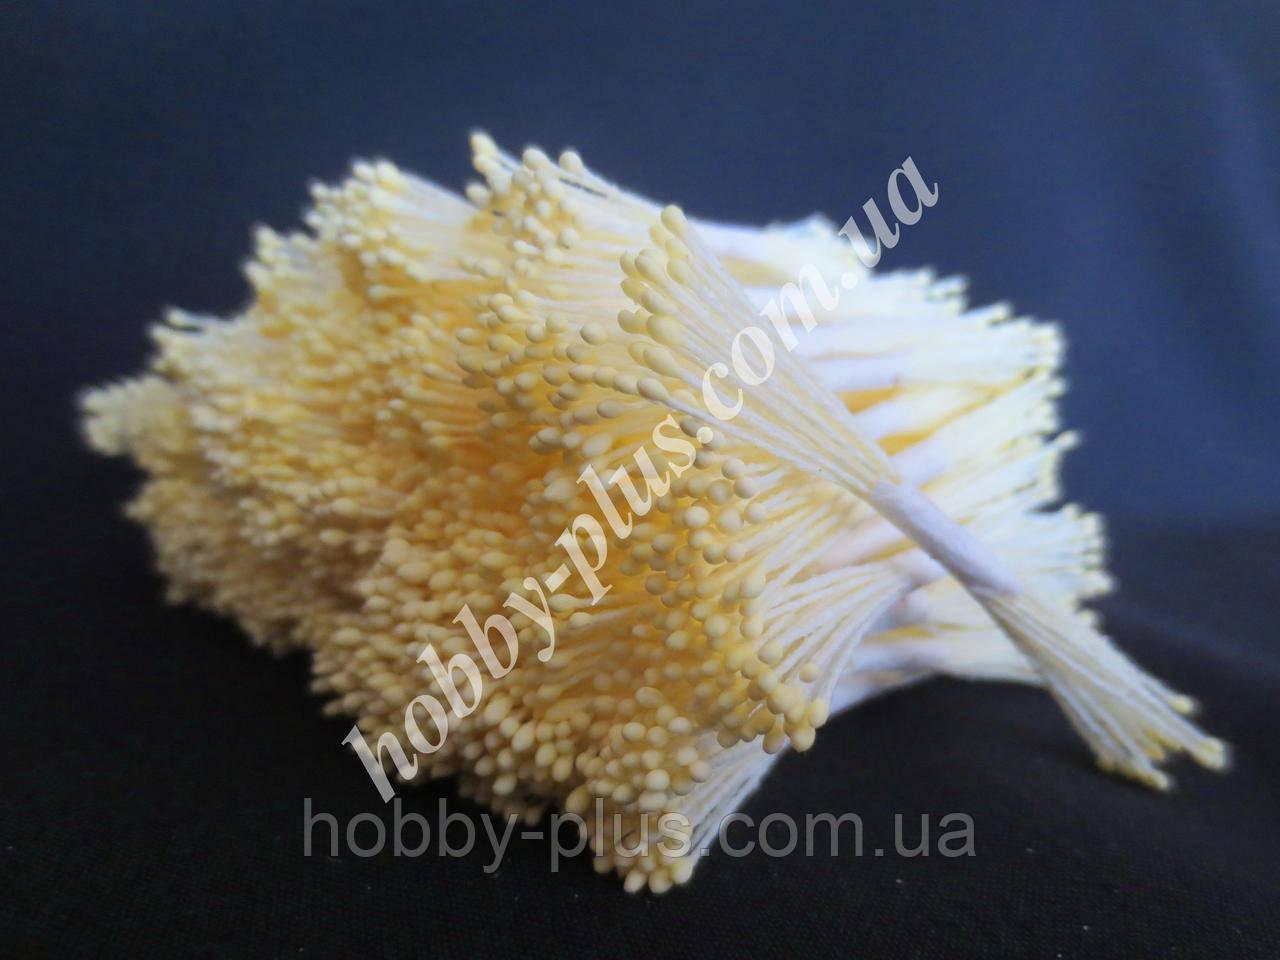 Тайские тычинки, СВЕТЛО-ЖЕЛТЫЕ, мелкие на светло-желтой нити, 23-25 нитей, 50 головок